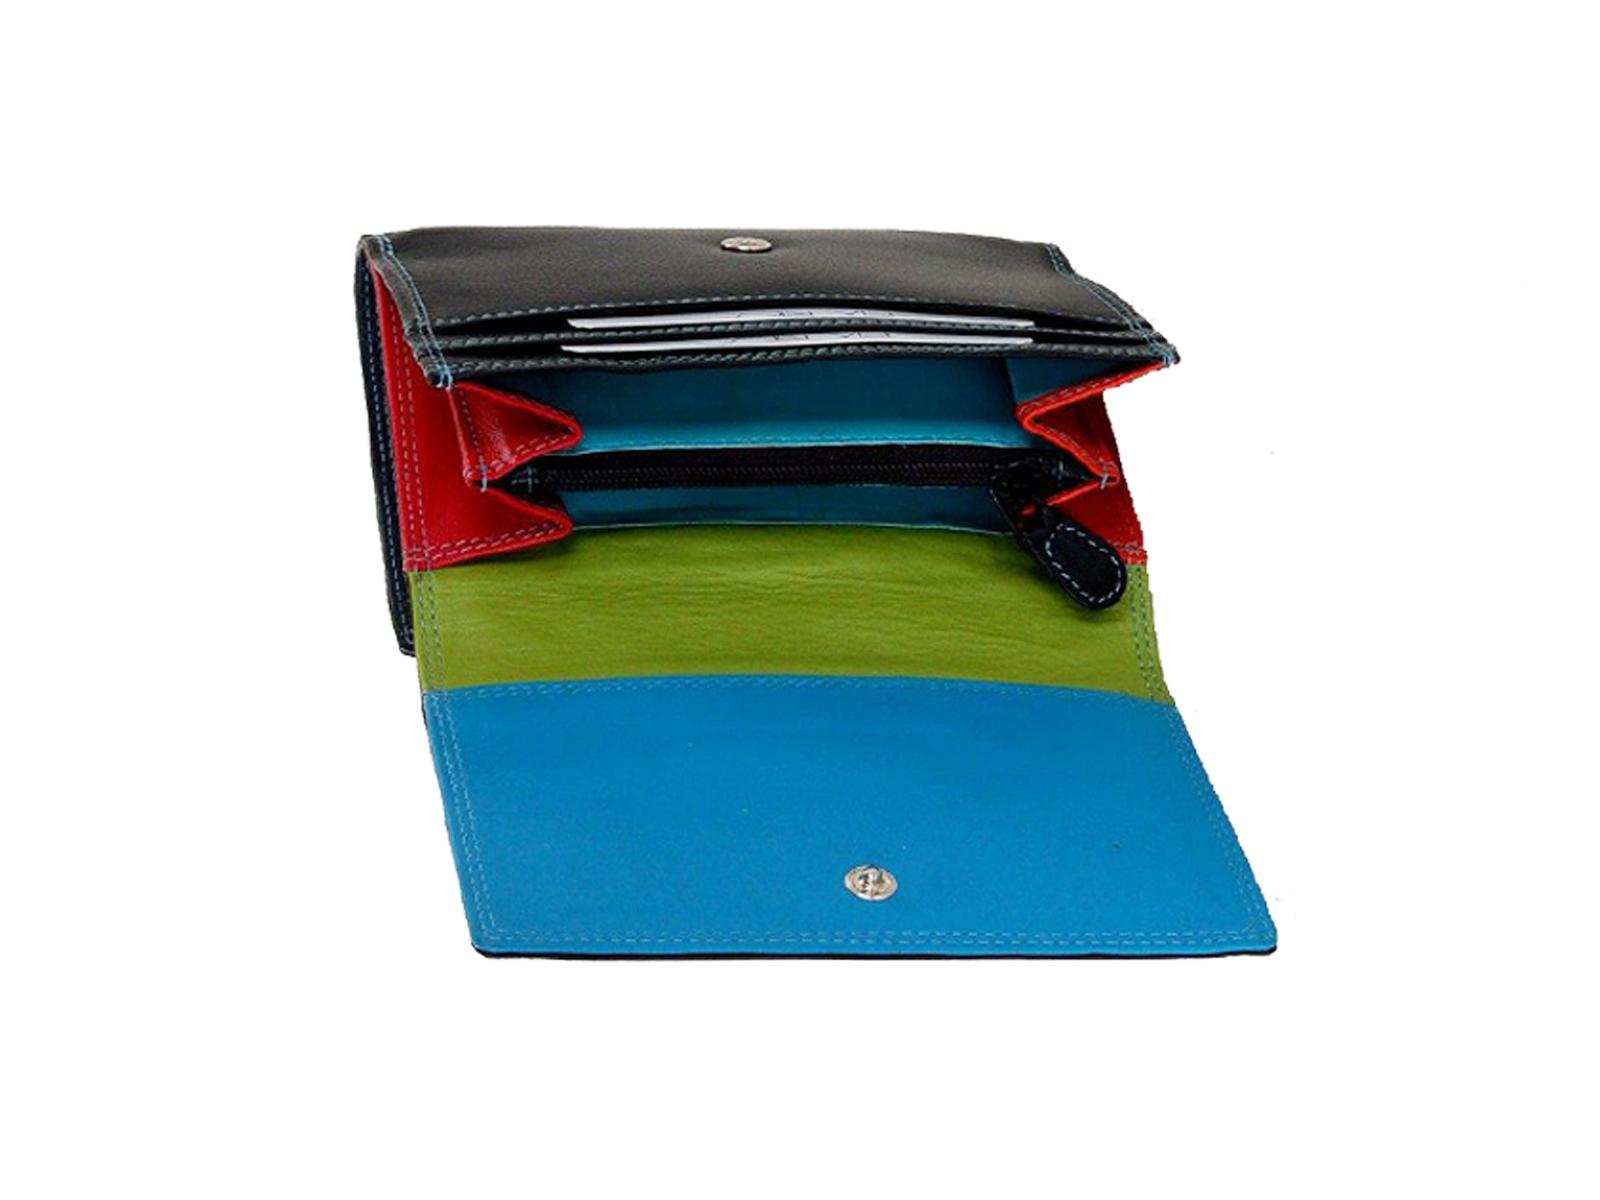 Pia Ries - Overslagportemonnee 828 Tropical Leer - Multicolor